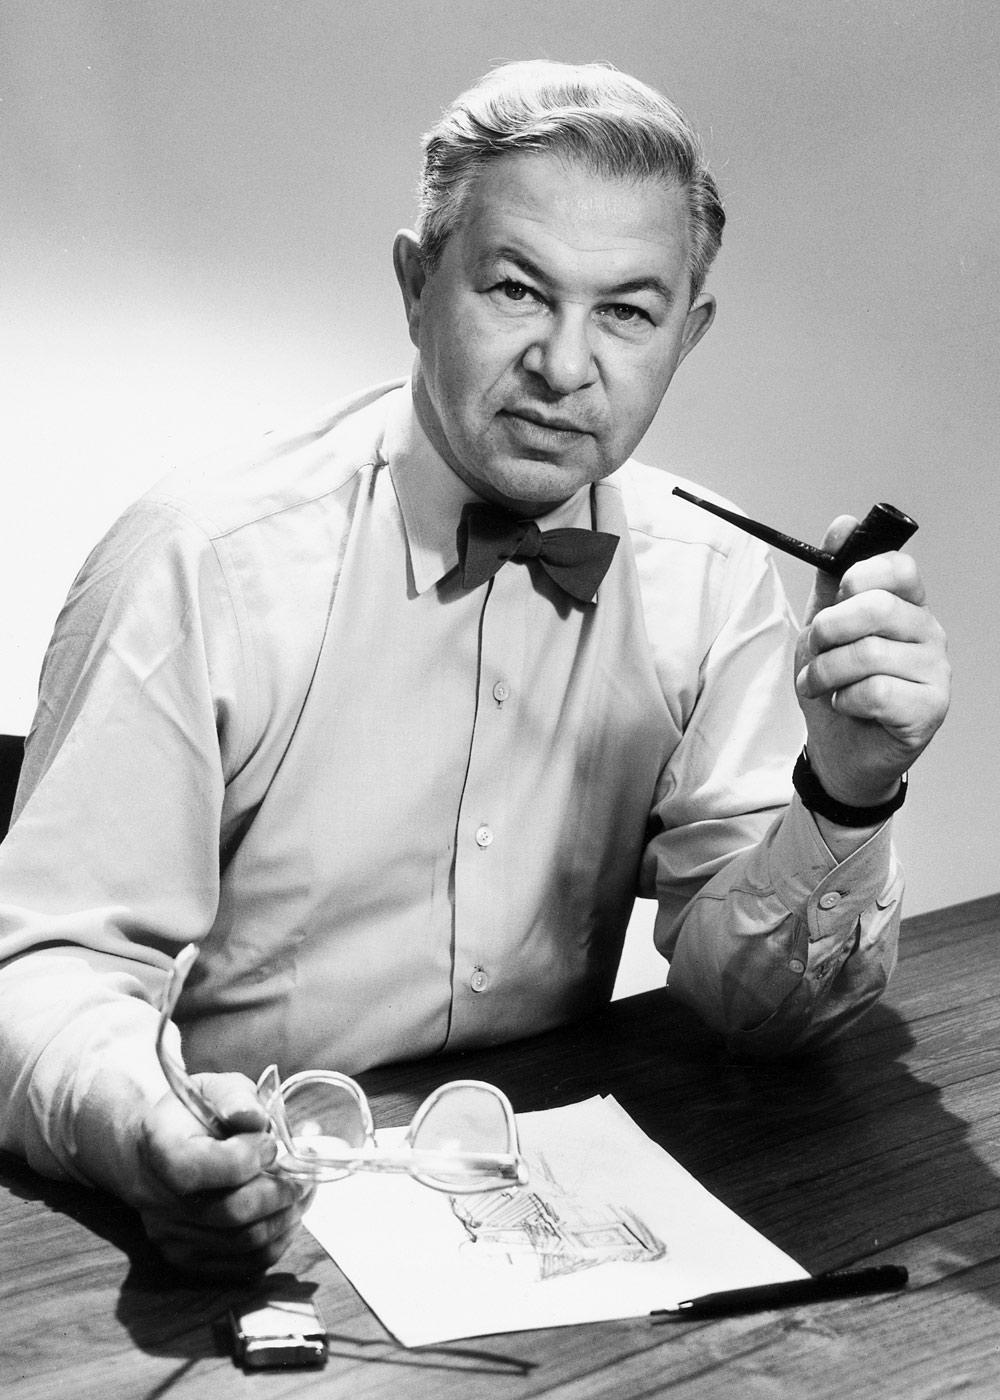 Der Name Arne Jacobsen ist untrennbar mit einigen der bekanntesten Designklassiker Dänemarks verknüpft, darunter die ikonische Armatur KV1 von VOLA, die den Durchbruch des Unternehmens markierte. (Foto: Copyright Vola A/S)